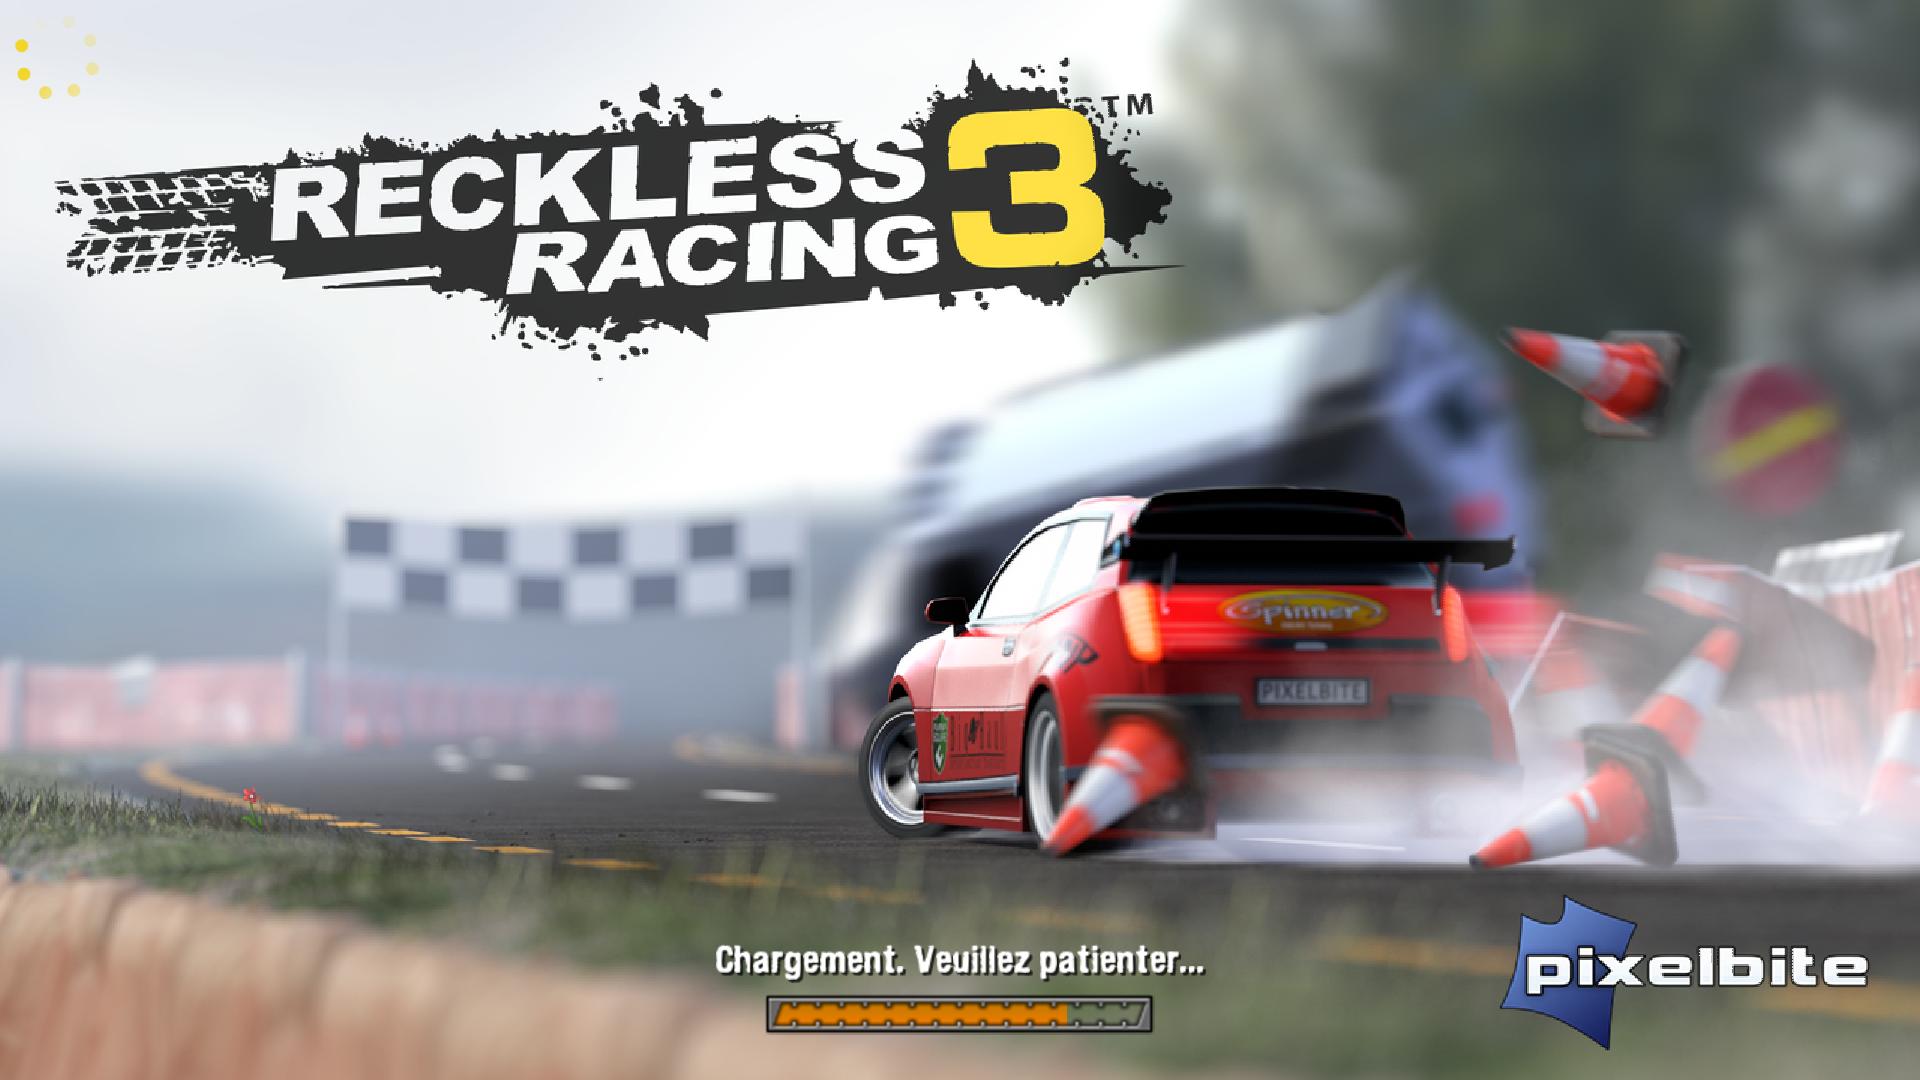 Reckless Racing 3-1